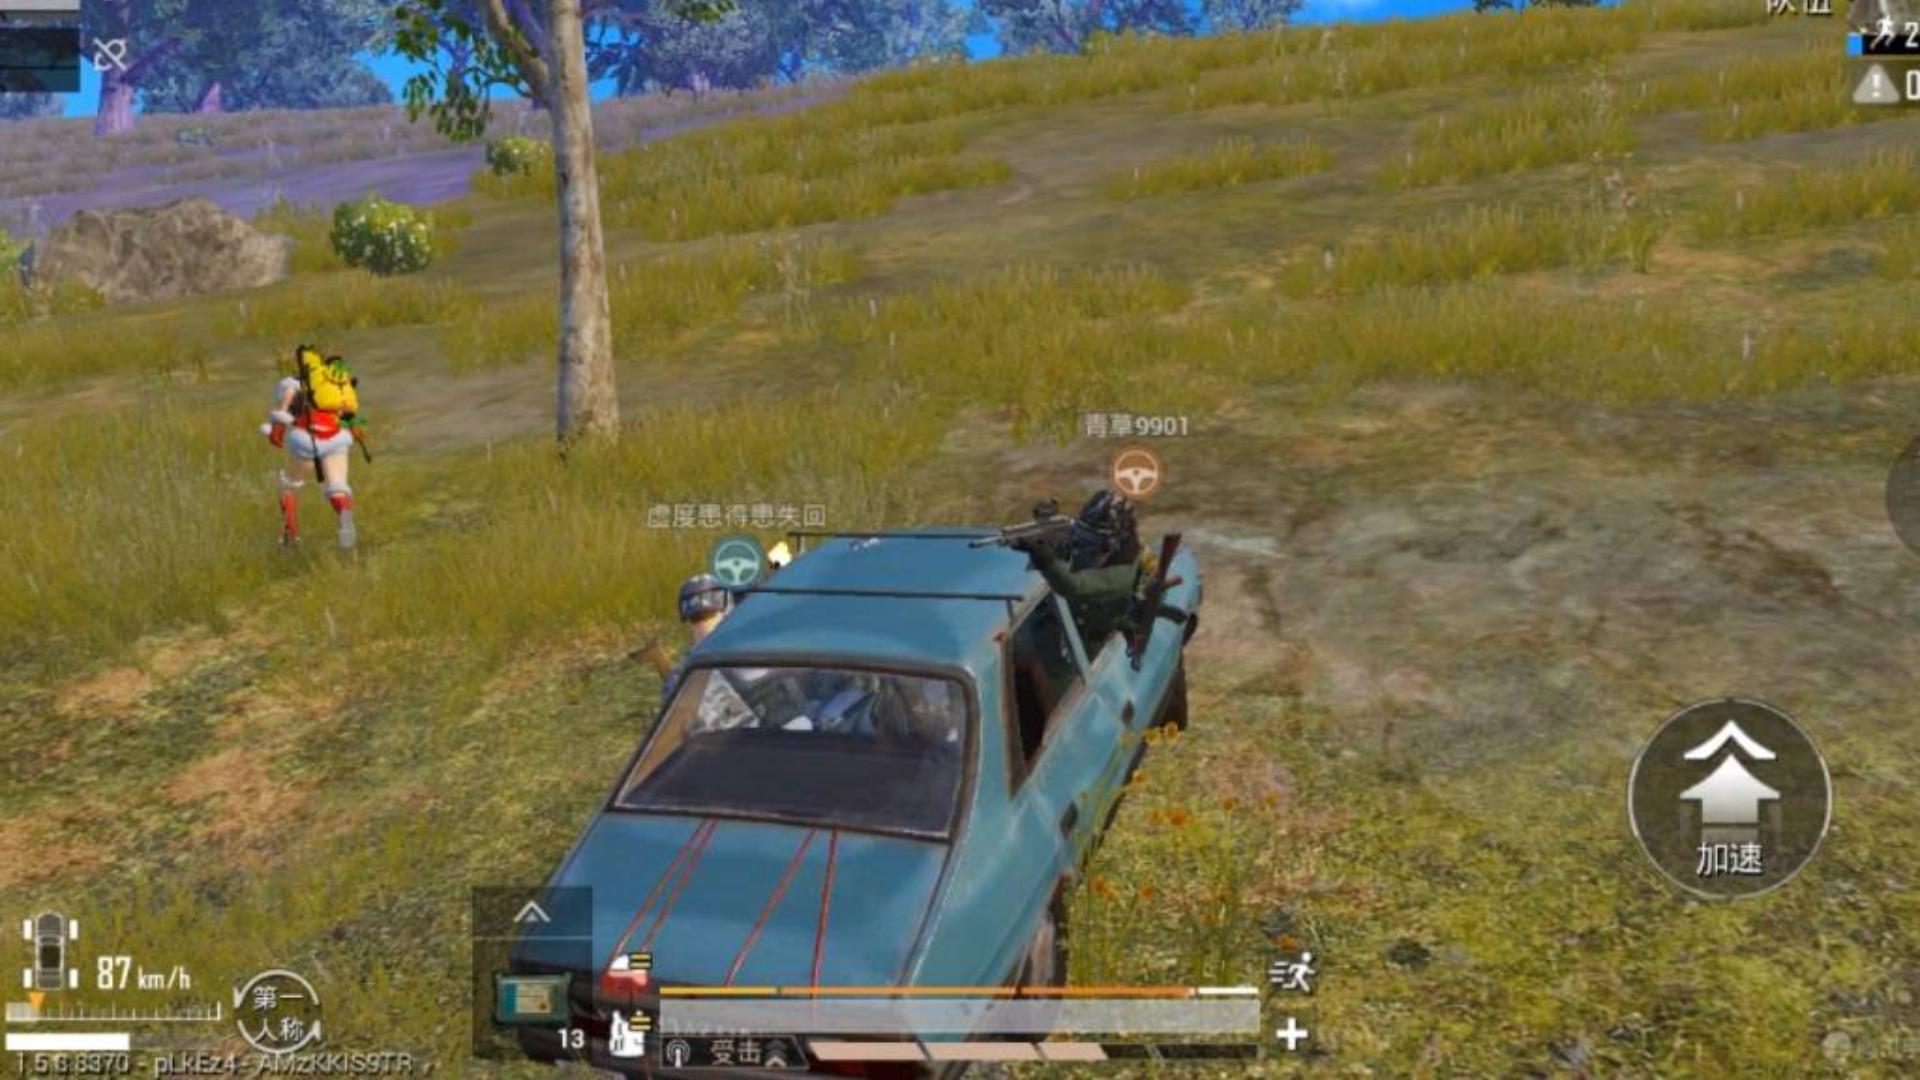 智玩酱:三个大汉开车追妹子,想跑是不可能了